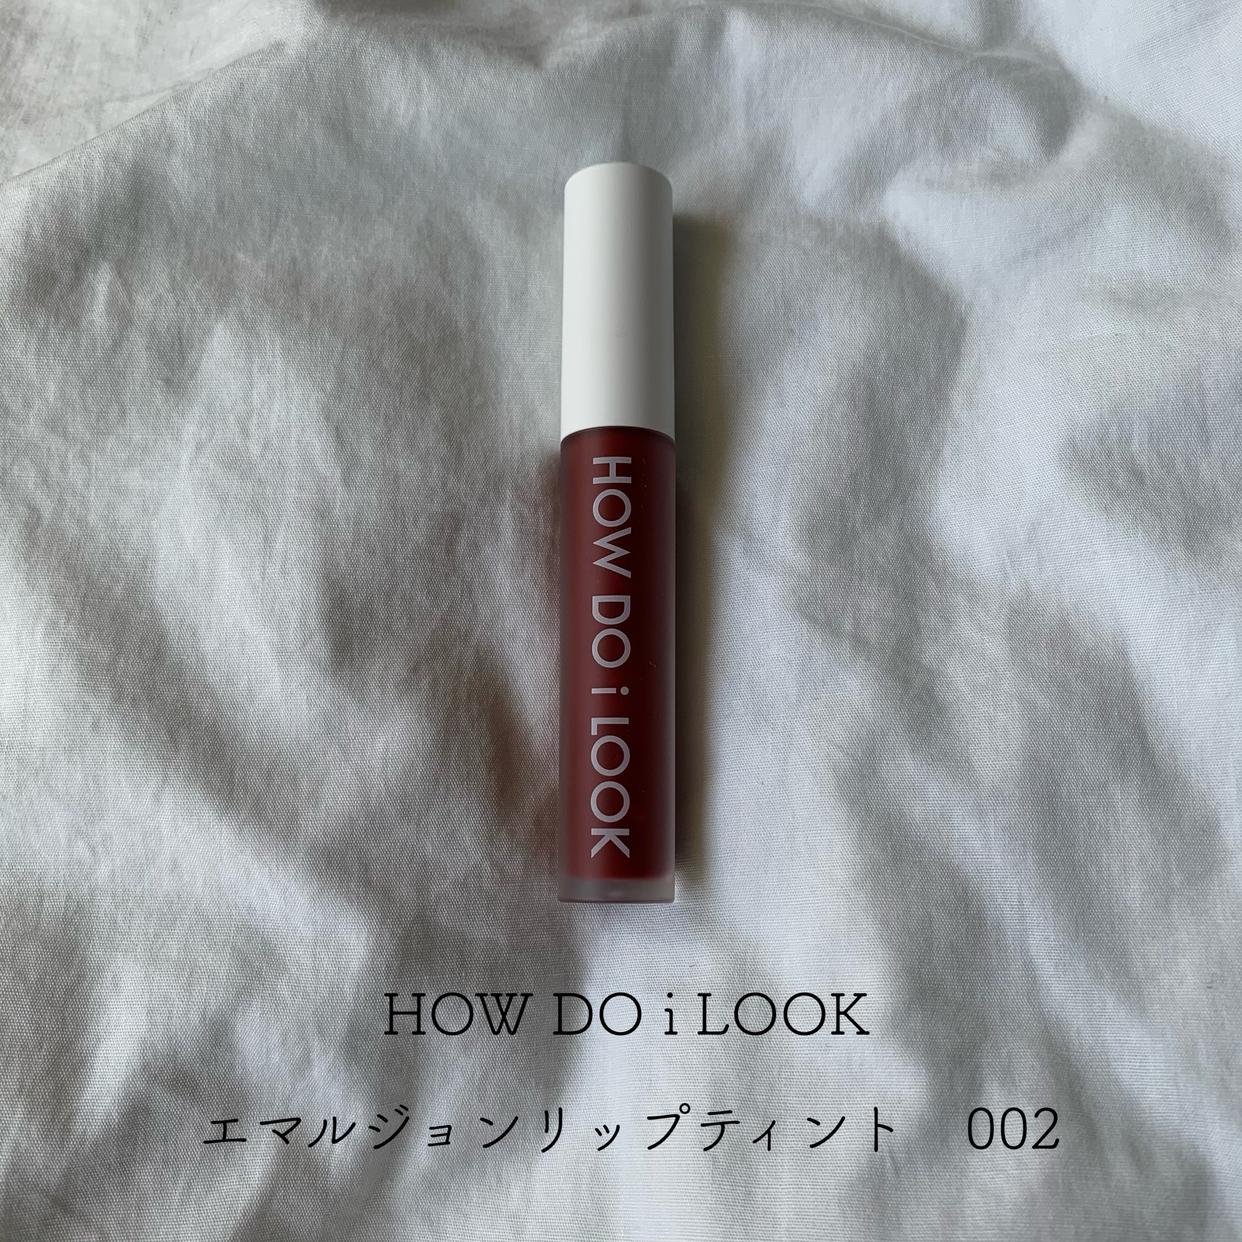 HOW DO i LOOK(ハウドゥアイルック)エマルジョンリップティントを使ったとあさんのクチコミ画像